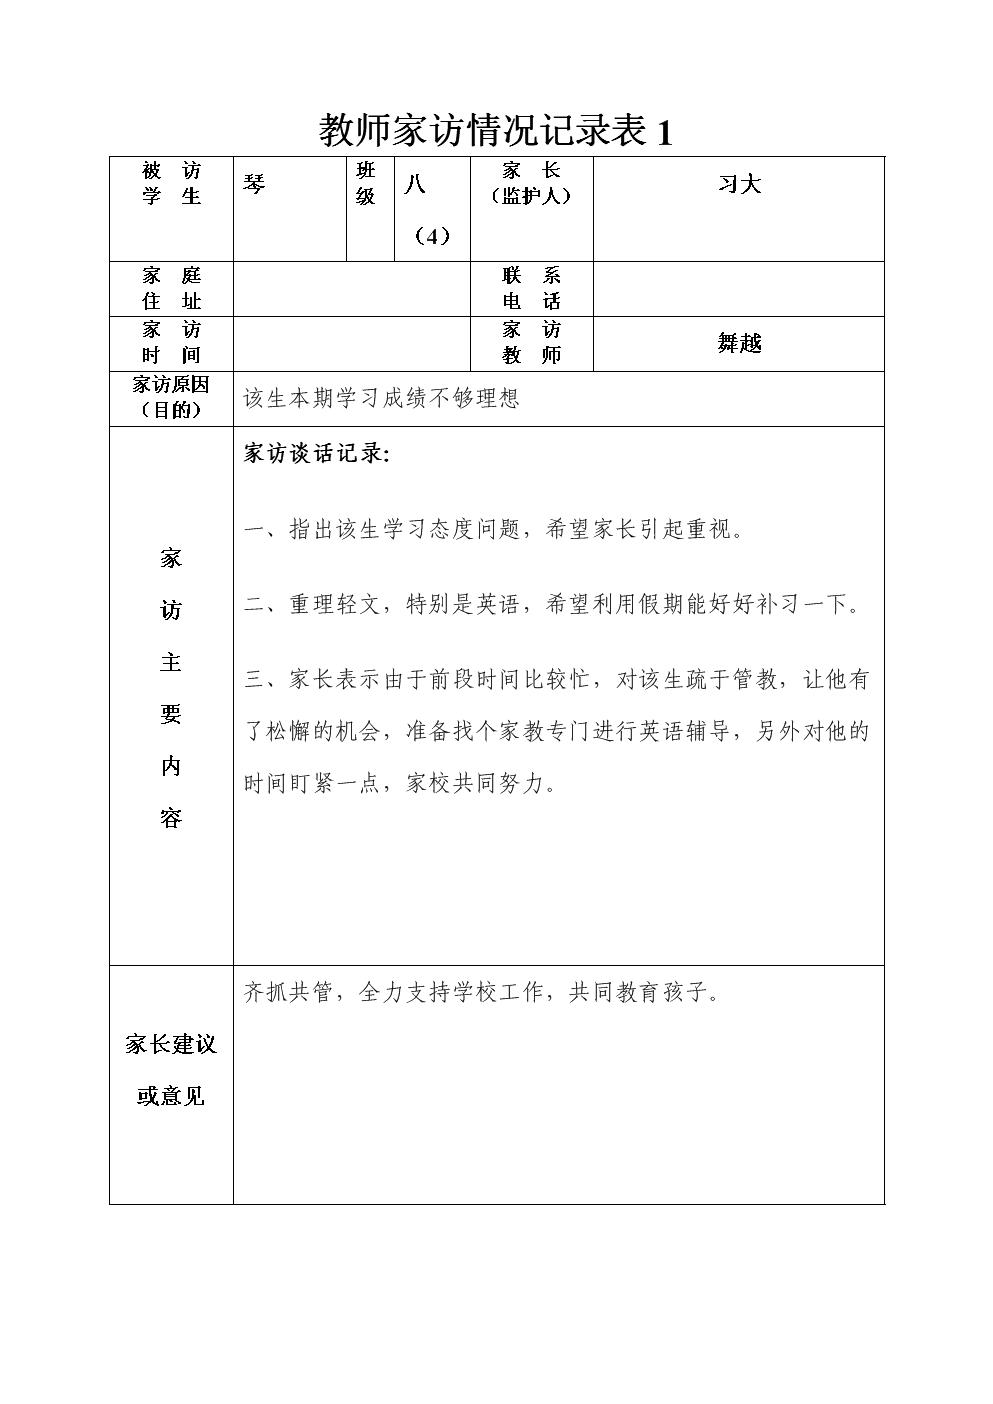 情况v情况高中记录表分析报告.doc教师美国转学申请图片